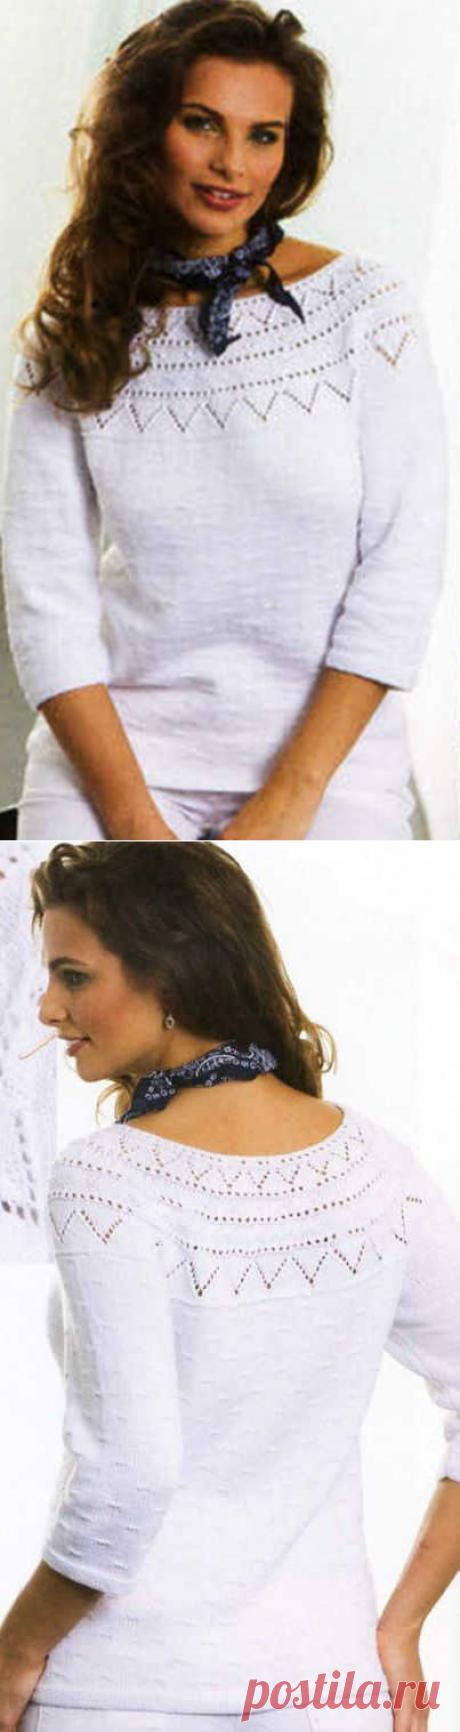 Белый пуловер с ажурной кокеткой (спицами)   АЖУР - схемы узоров